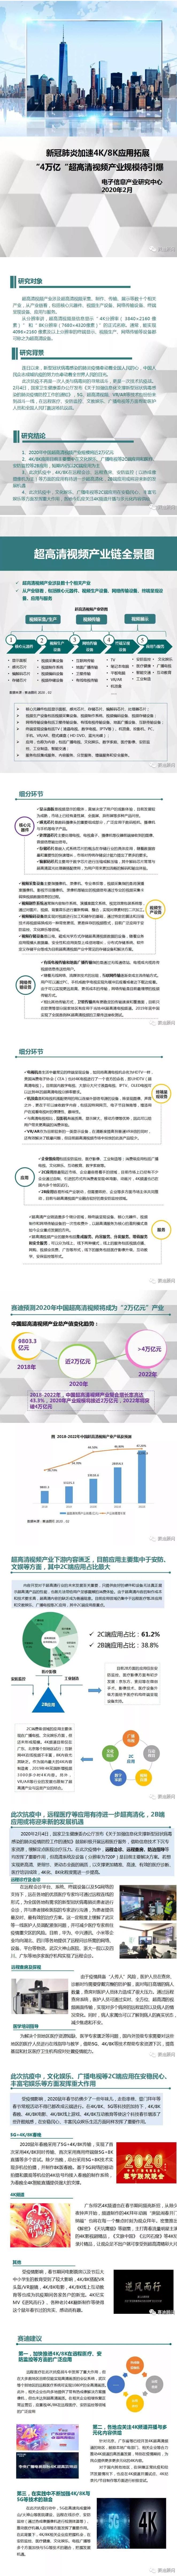 赛迪顾问-_-新冠肺炎加速4K_8K应用拓展.jpg